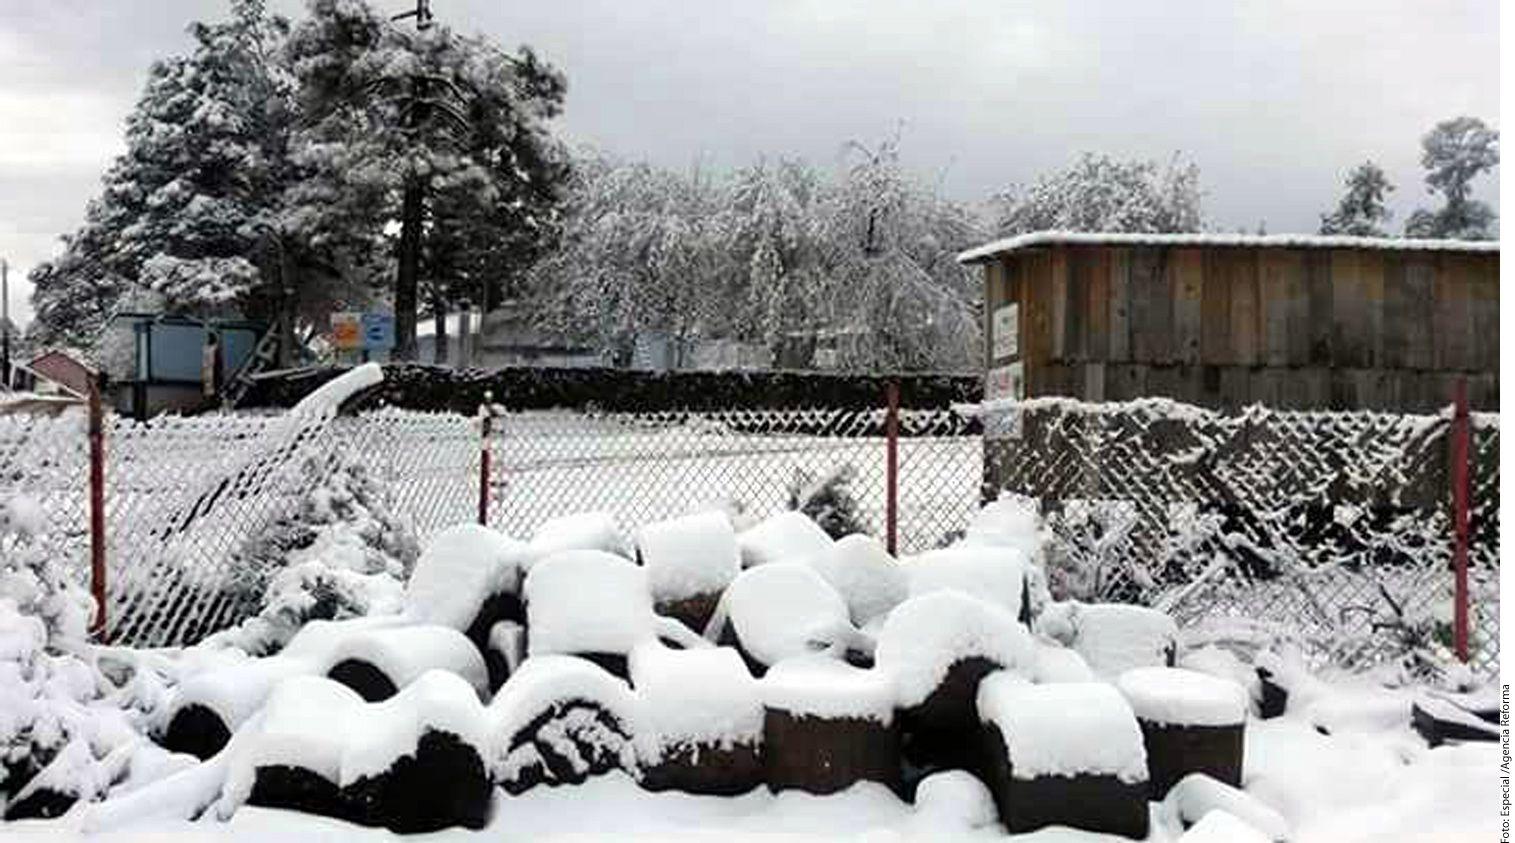 La Comisión Nacional del Agua (Conagua) alertó sobre la caída de nieve y aguanieve en zonas serranas de Sonora, Sinaloa, Chihuahua, Durango, Zacatecas, Coahuila y Nuevo León. (AGENCIA REFORMA)